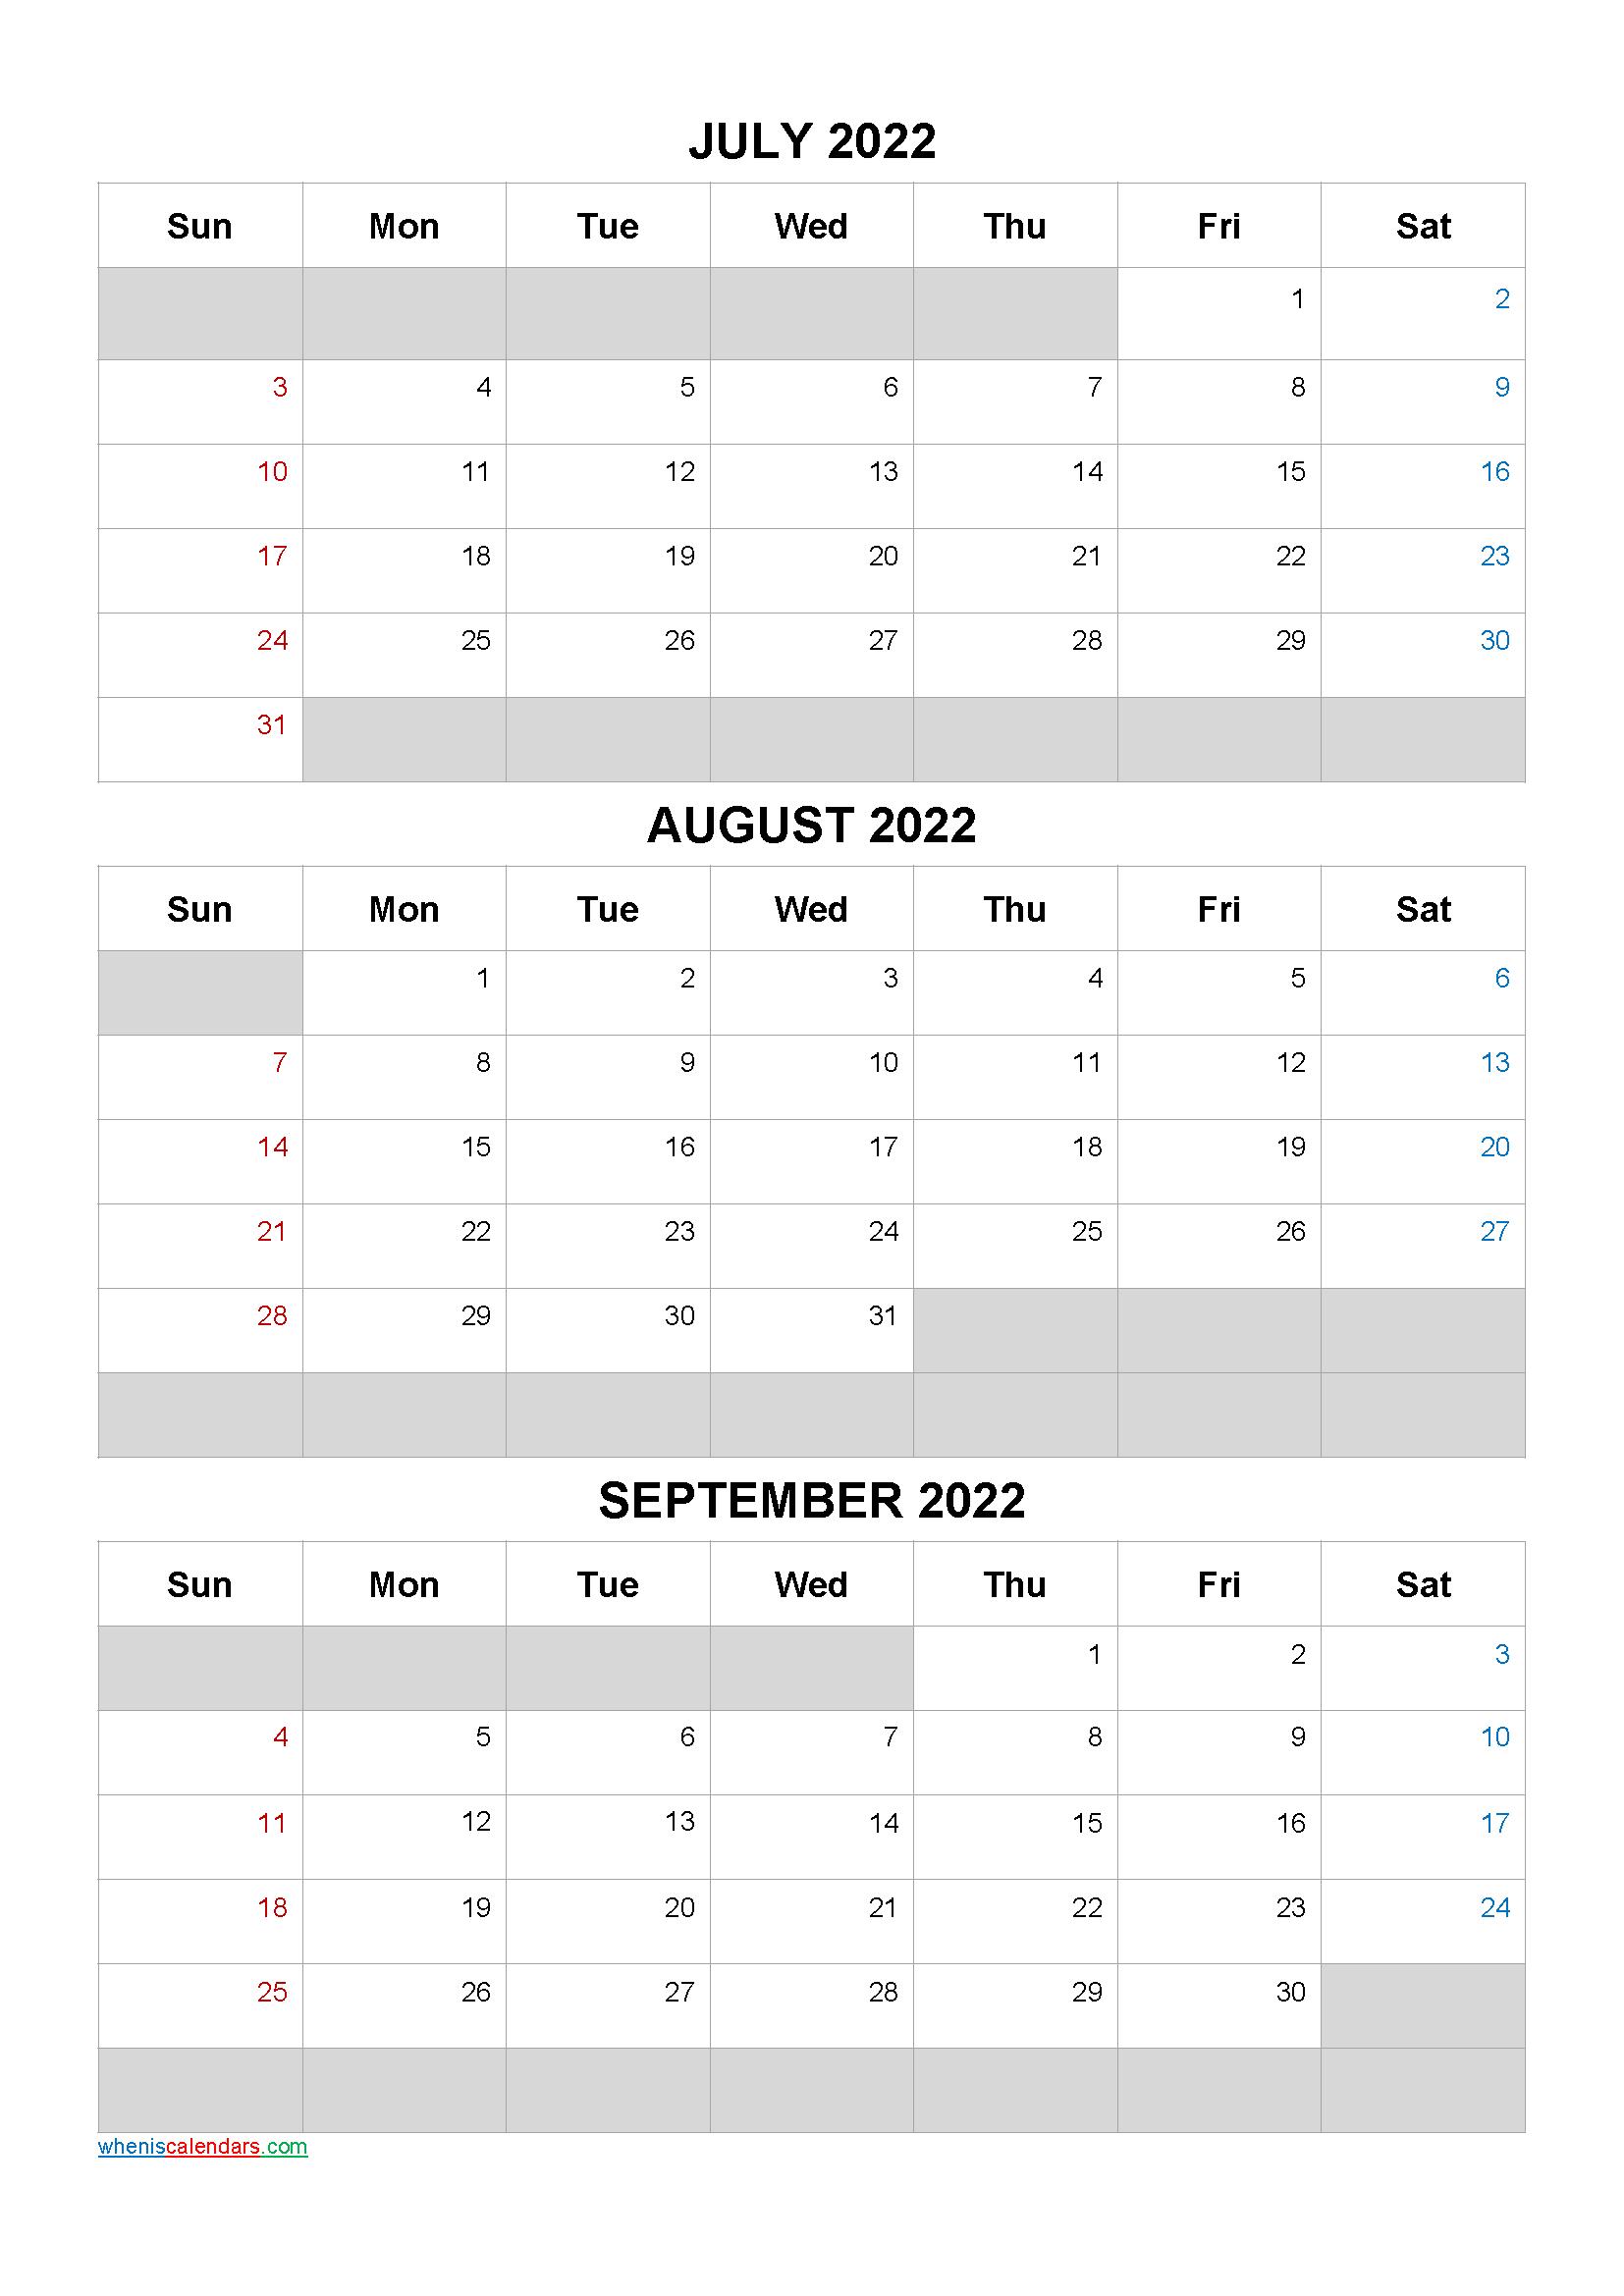 July August September 2022 Calendar Template [Q1-Q2-Q3-Q4